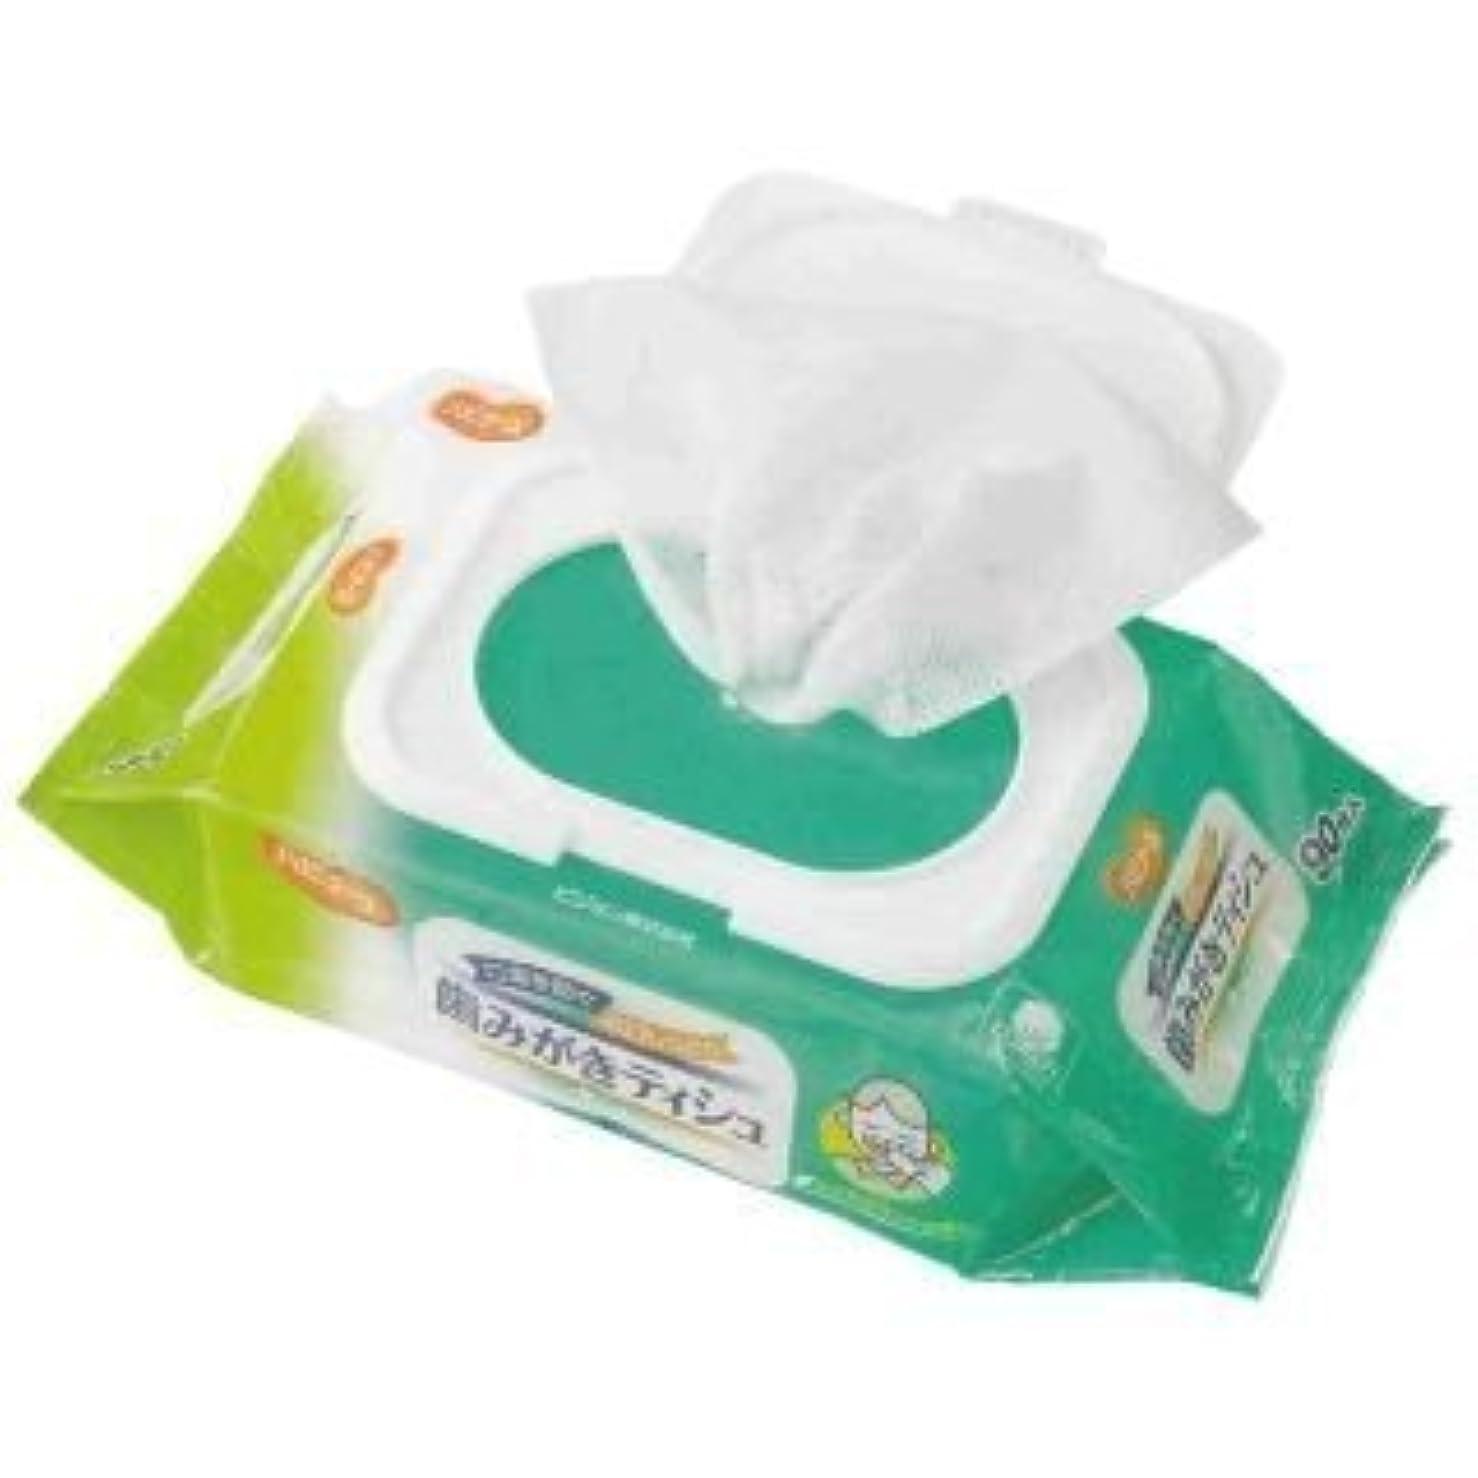 もちろんフォルダ良心的口臭を防ぐ&お口しっとり!ふきとりやすいコットンメッシュシート!お口が乾燥して、お口の臭いが気になるときに!歯みがきティシュ 90枚入【3個セット】